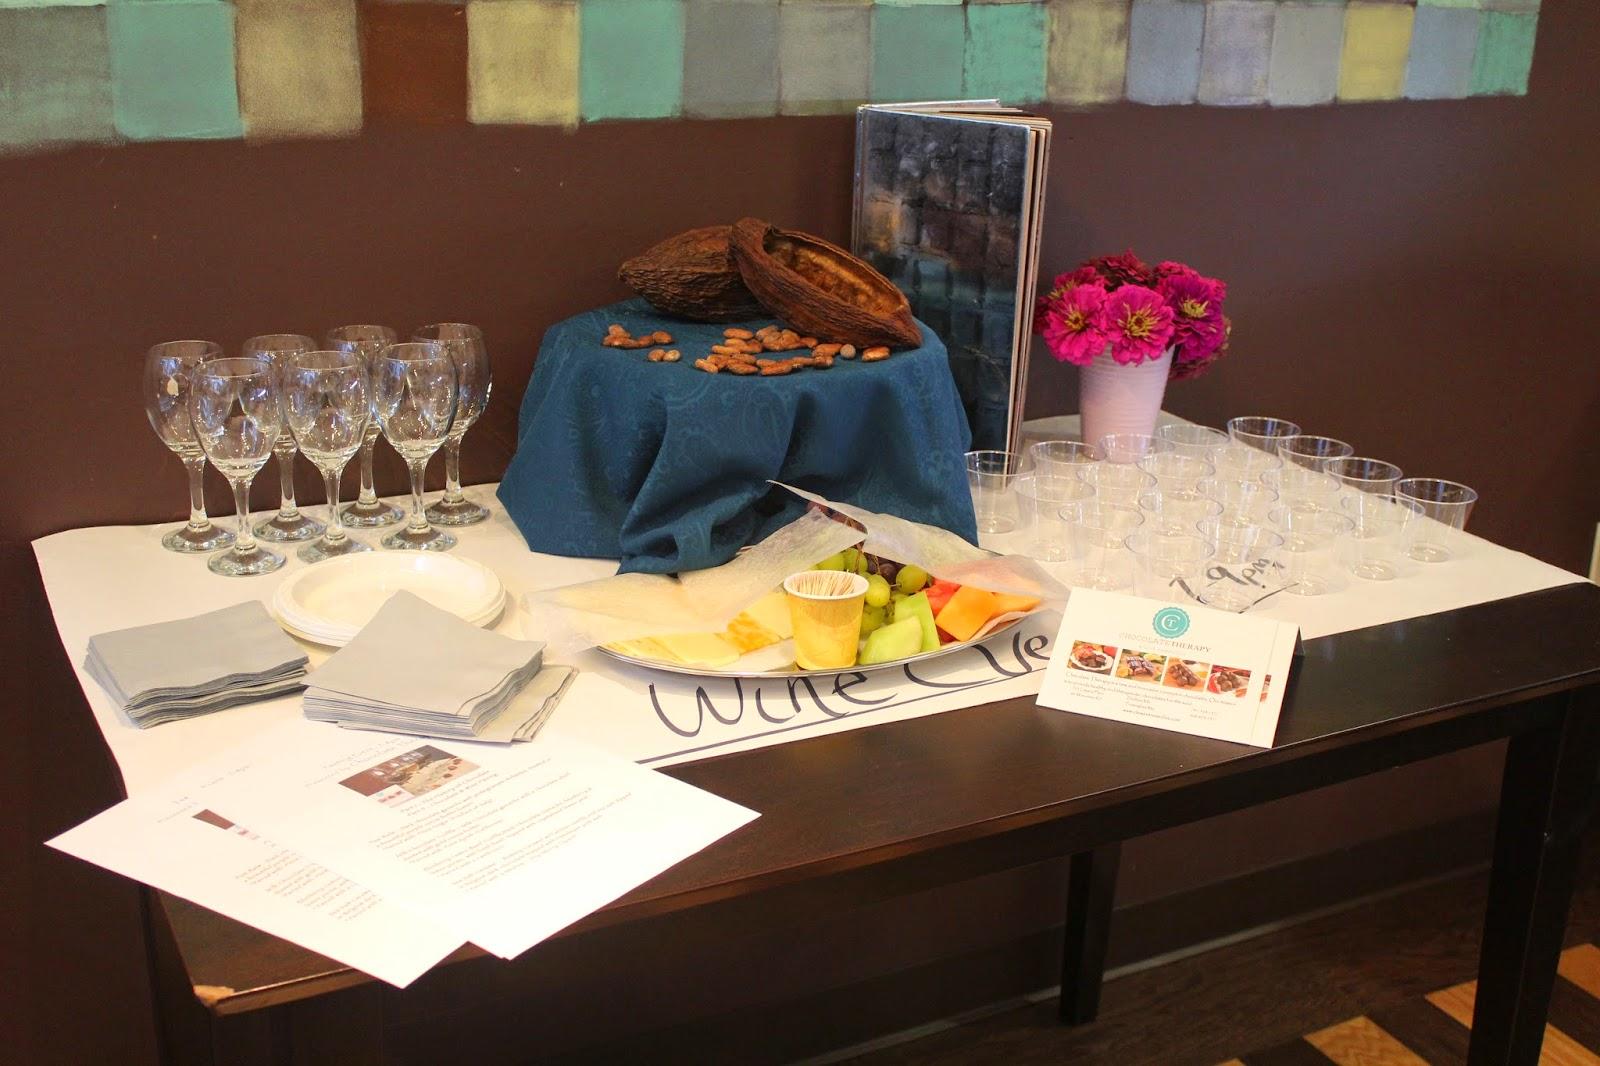 Chocolate and wine pairing at Chocolate Therapy, Dedham, Mass.